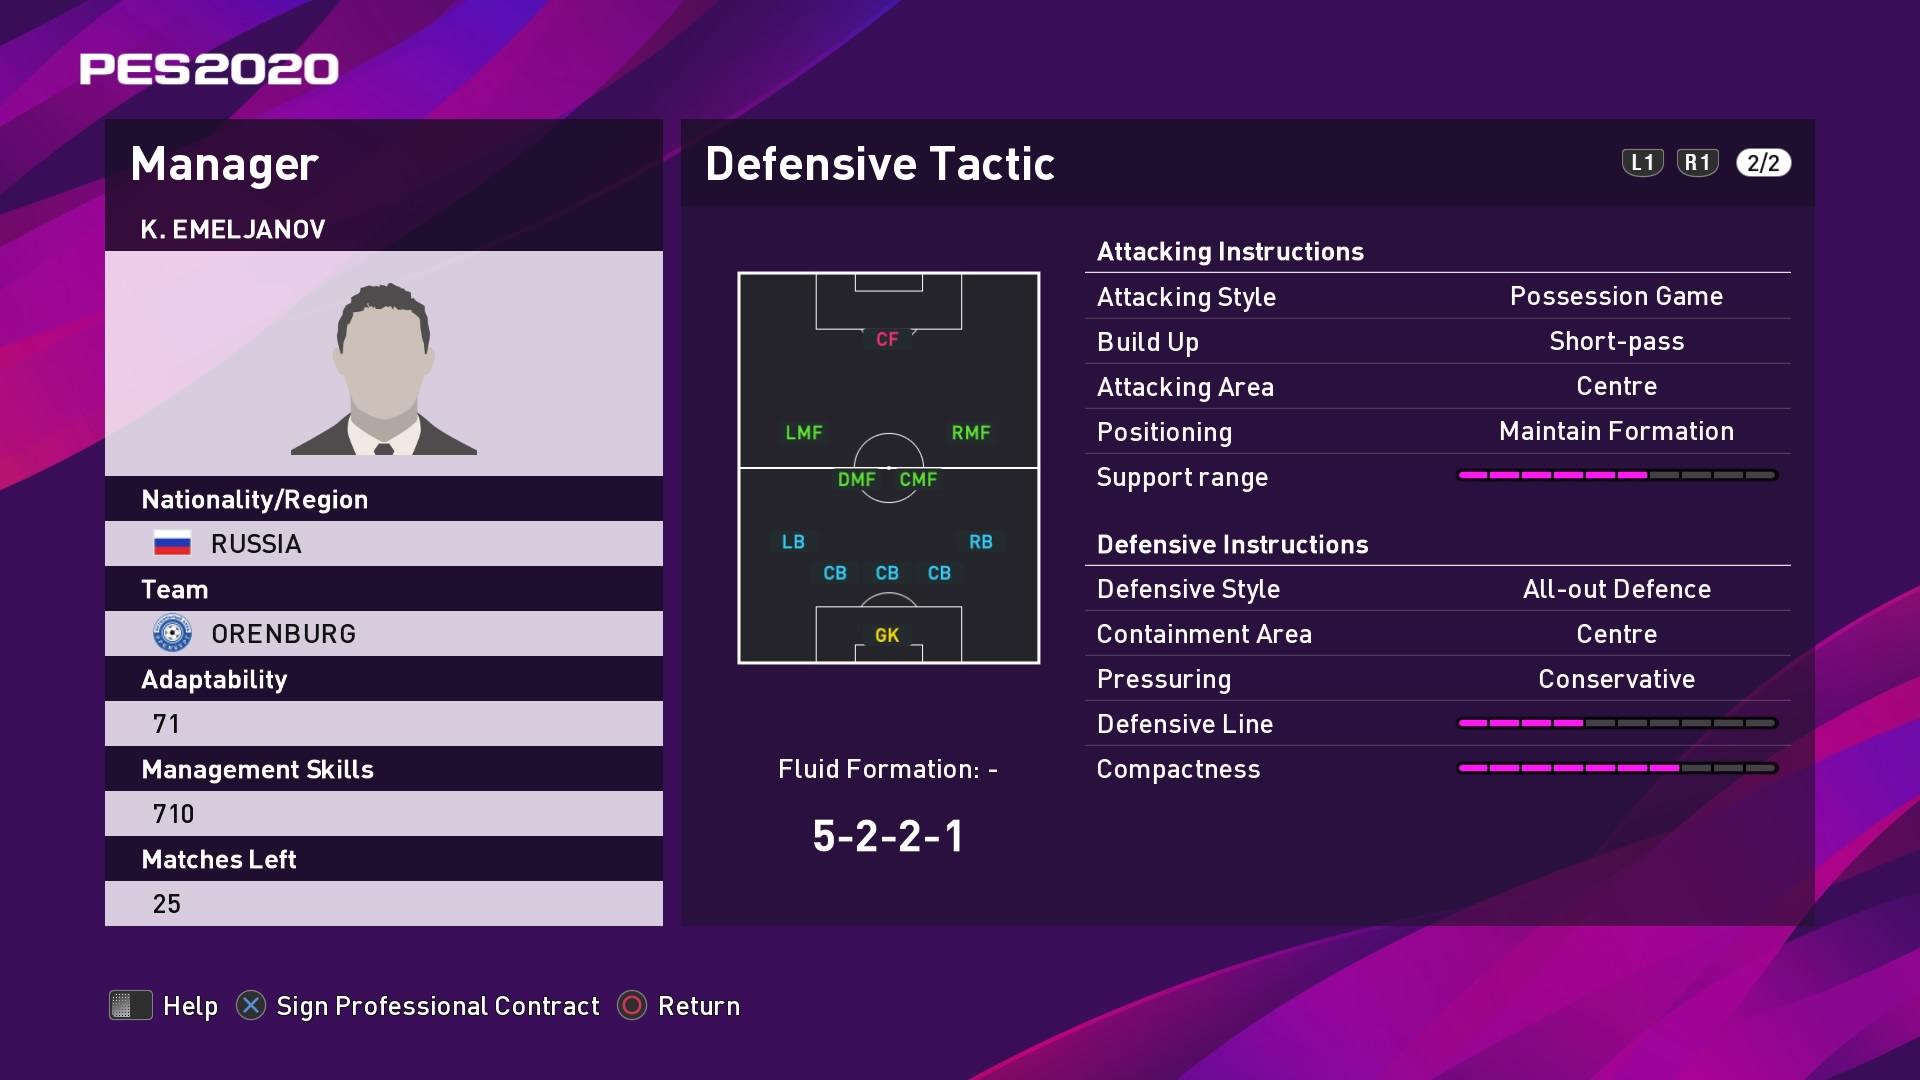 K. Emeljanov (Konstantin Emelyanov) Defensive Tactic in PES 2020 myClub